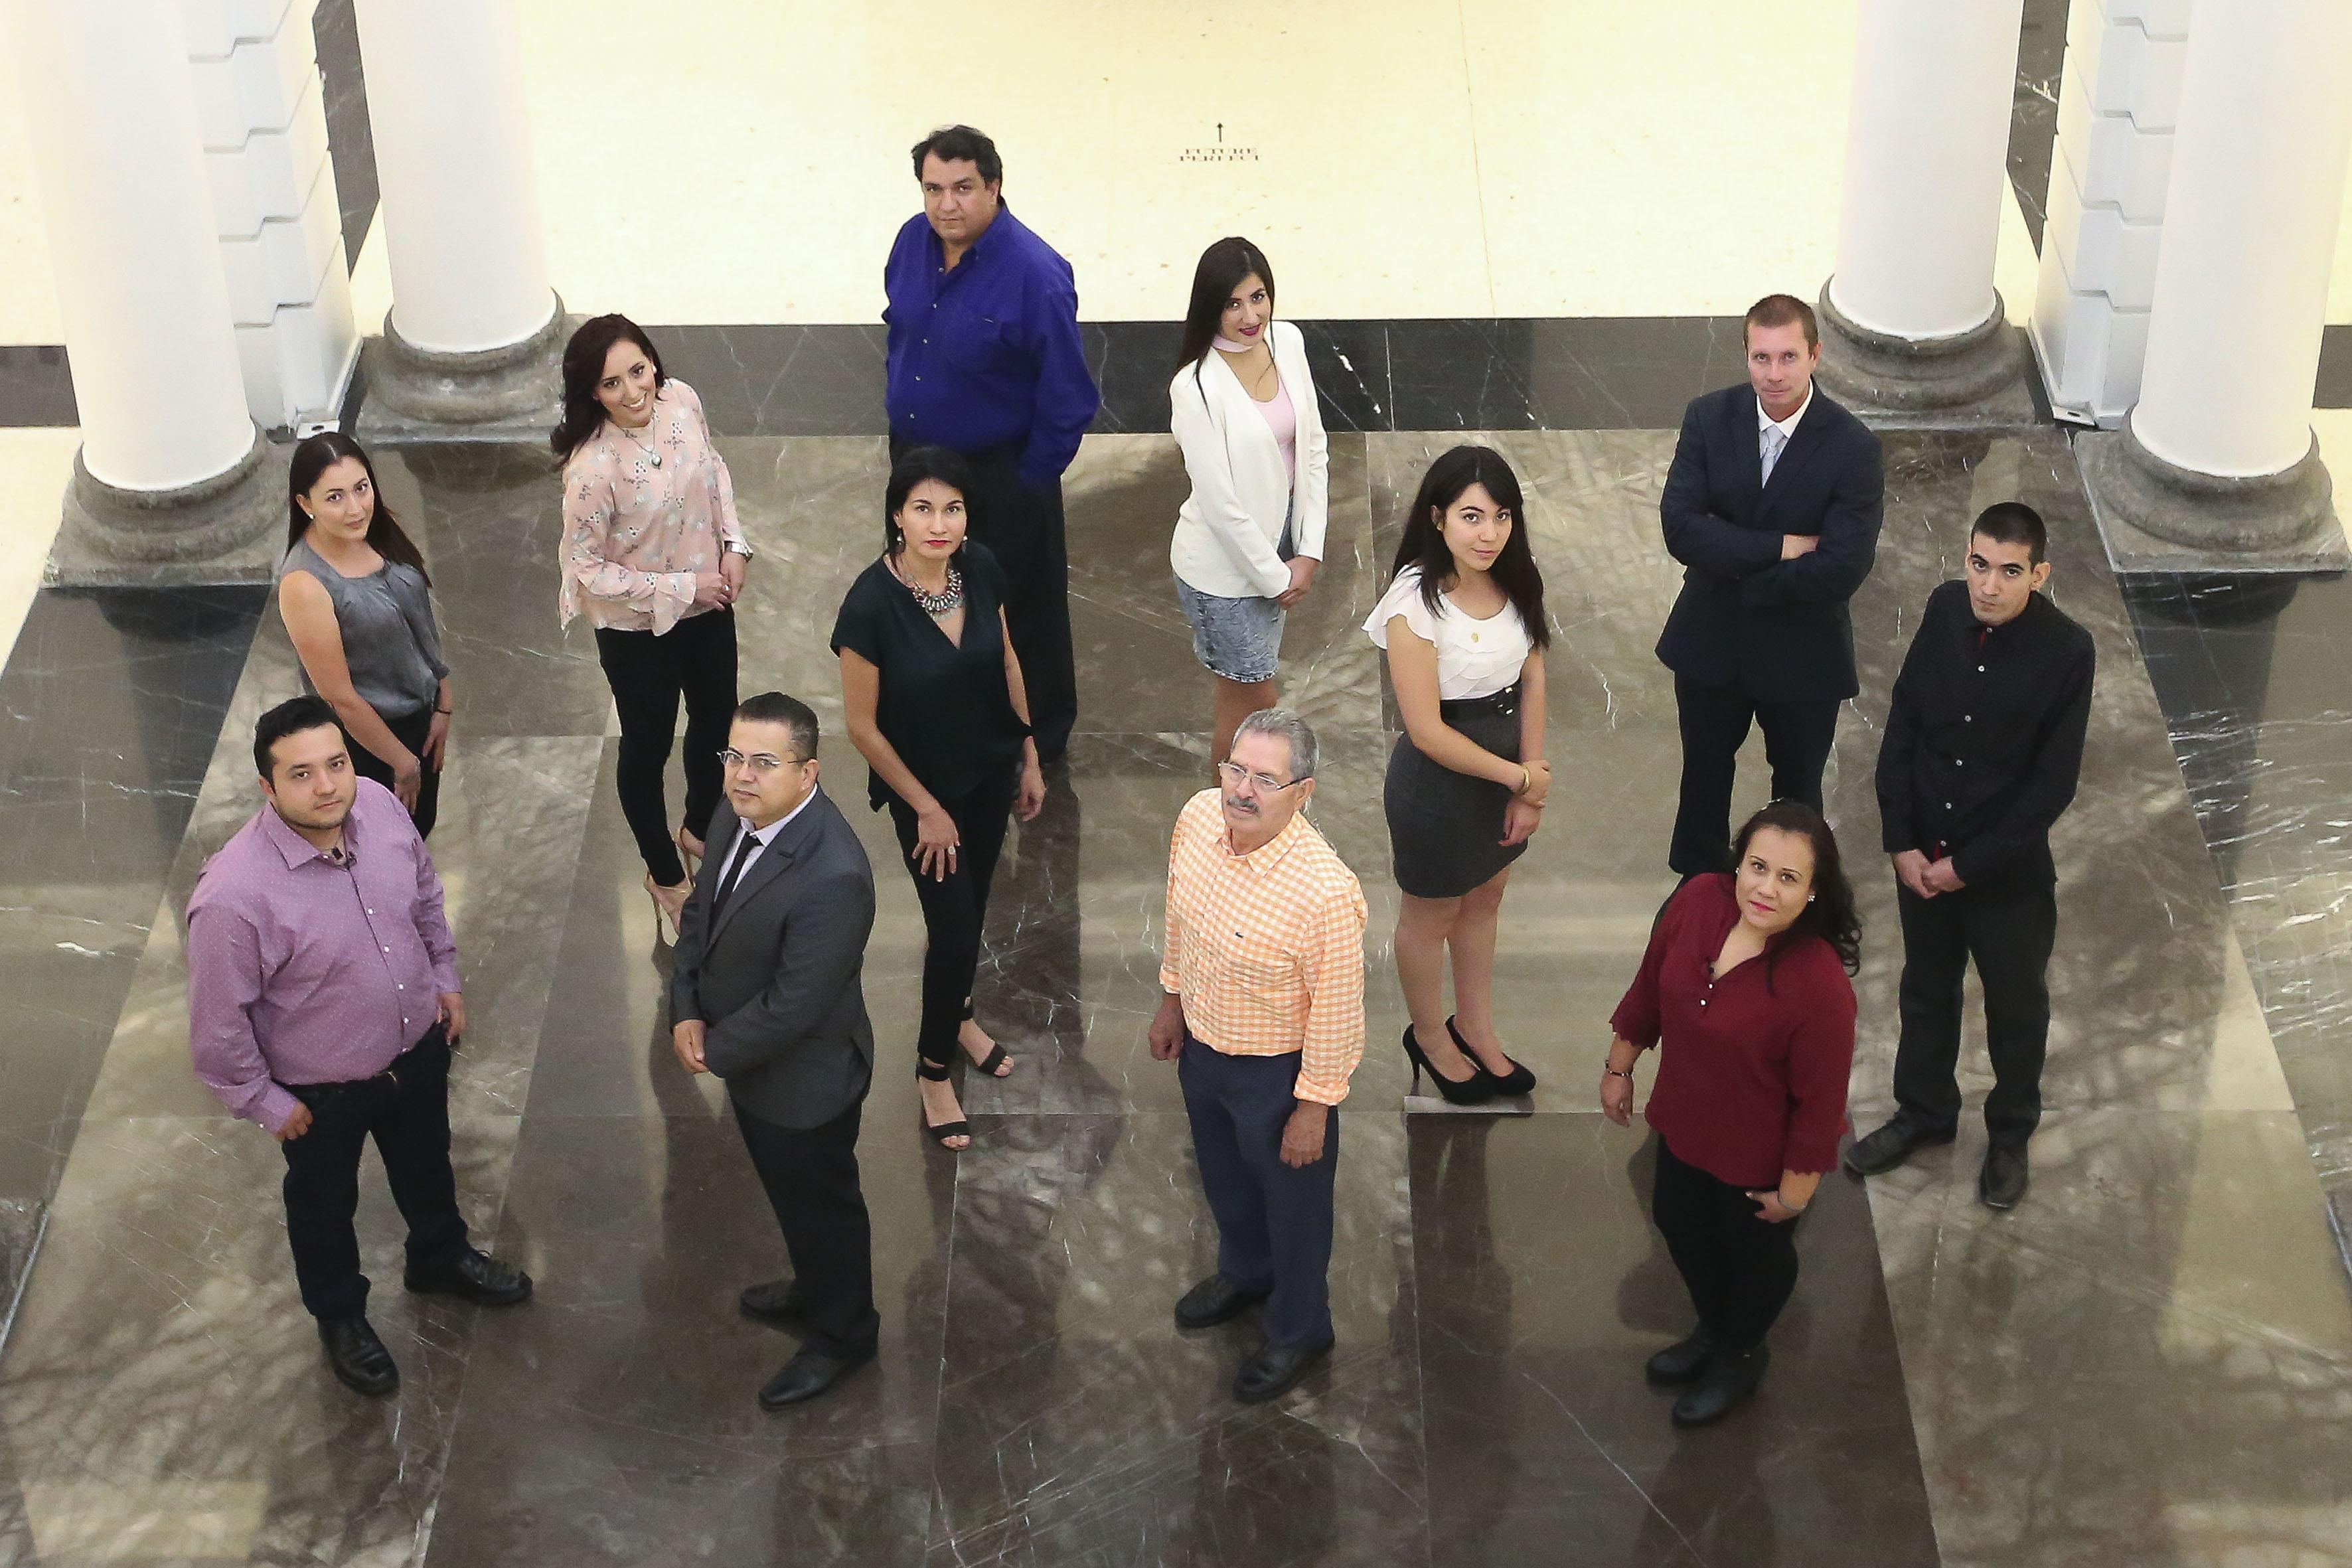 Estudiantes destacados de bachillerato y licenciatura en la explanada de Rectoría General.